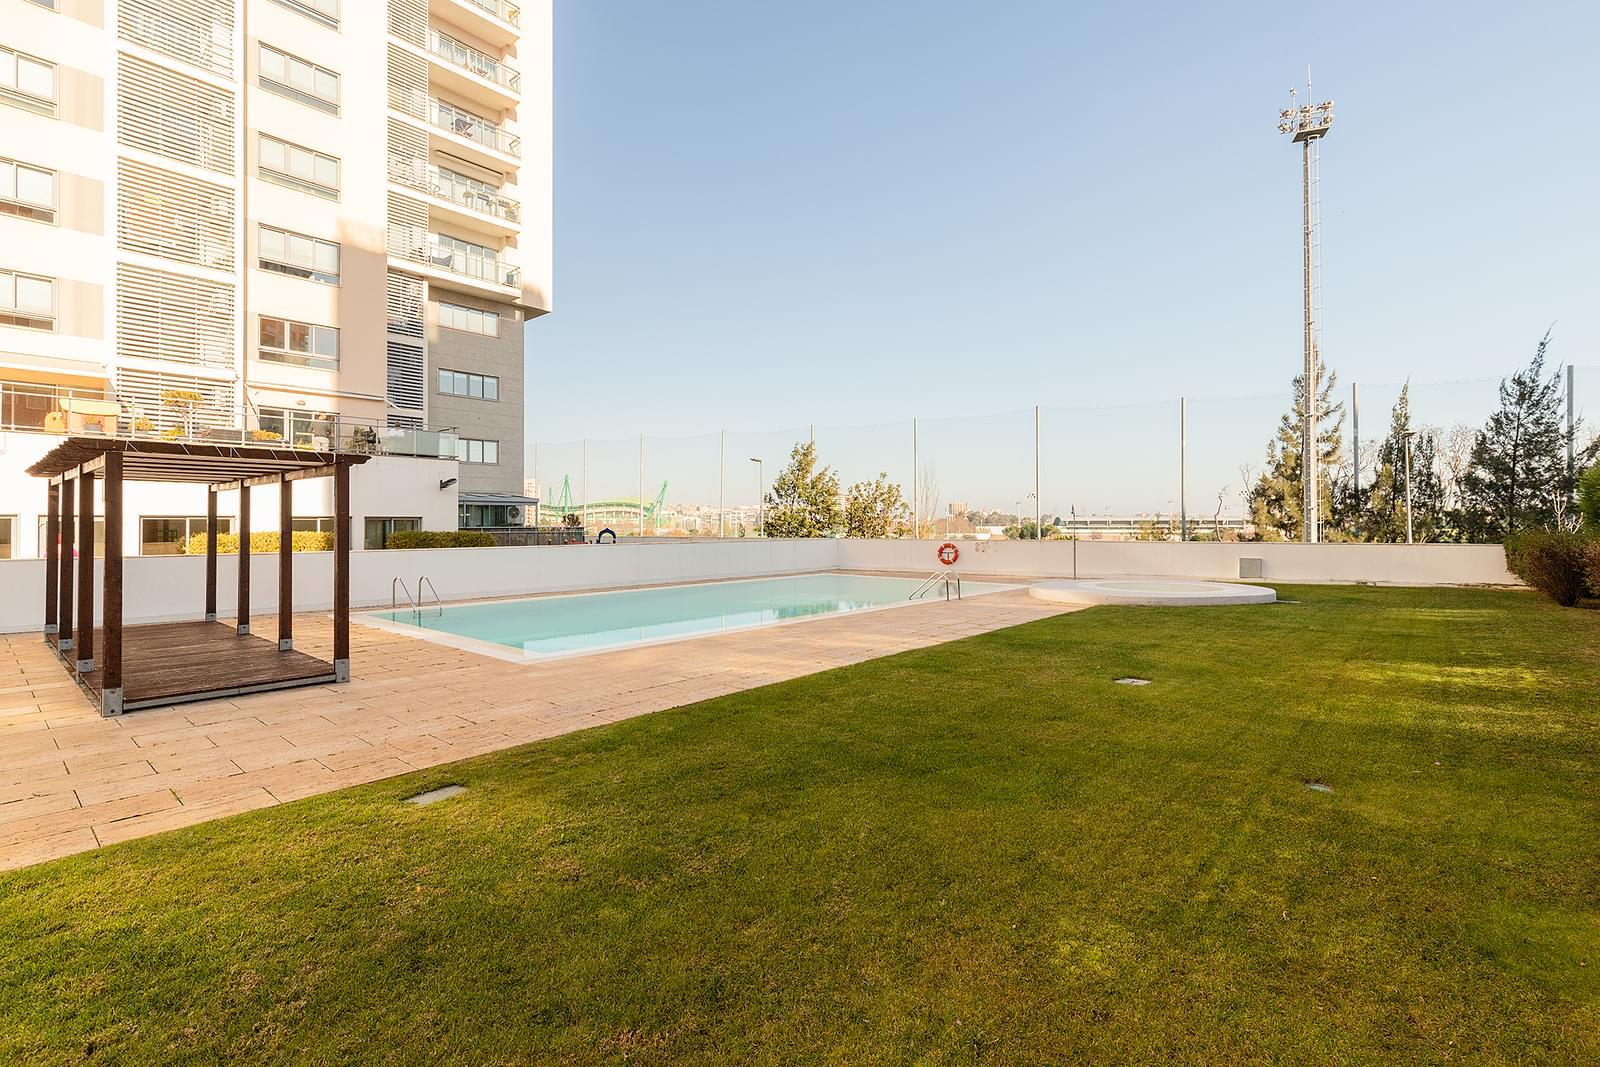 pf18953-apartamento-t3-lisboa-8fee6bbe-02fd-407a-964c-180d1d4836b0